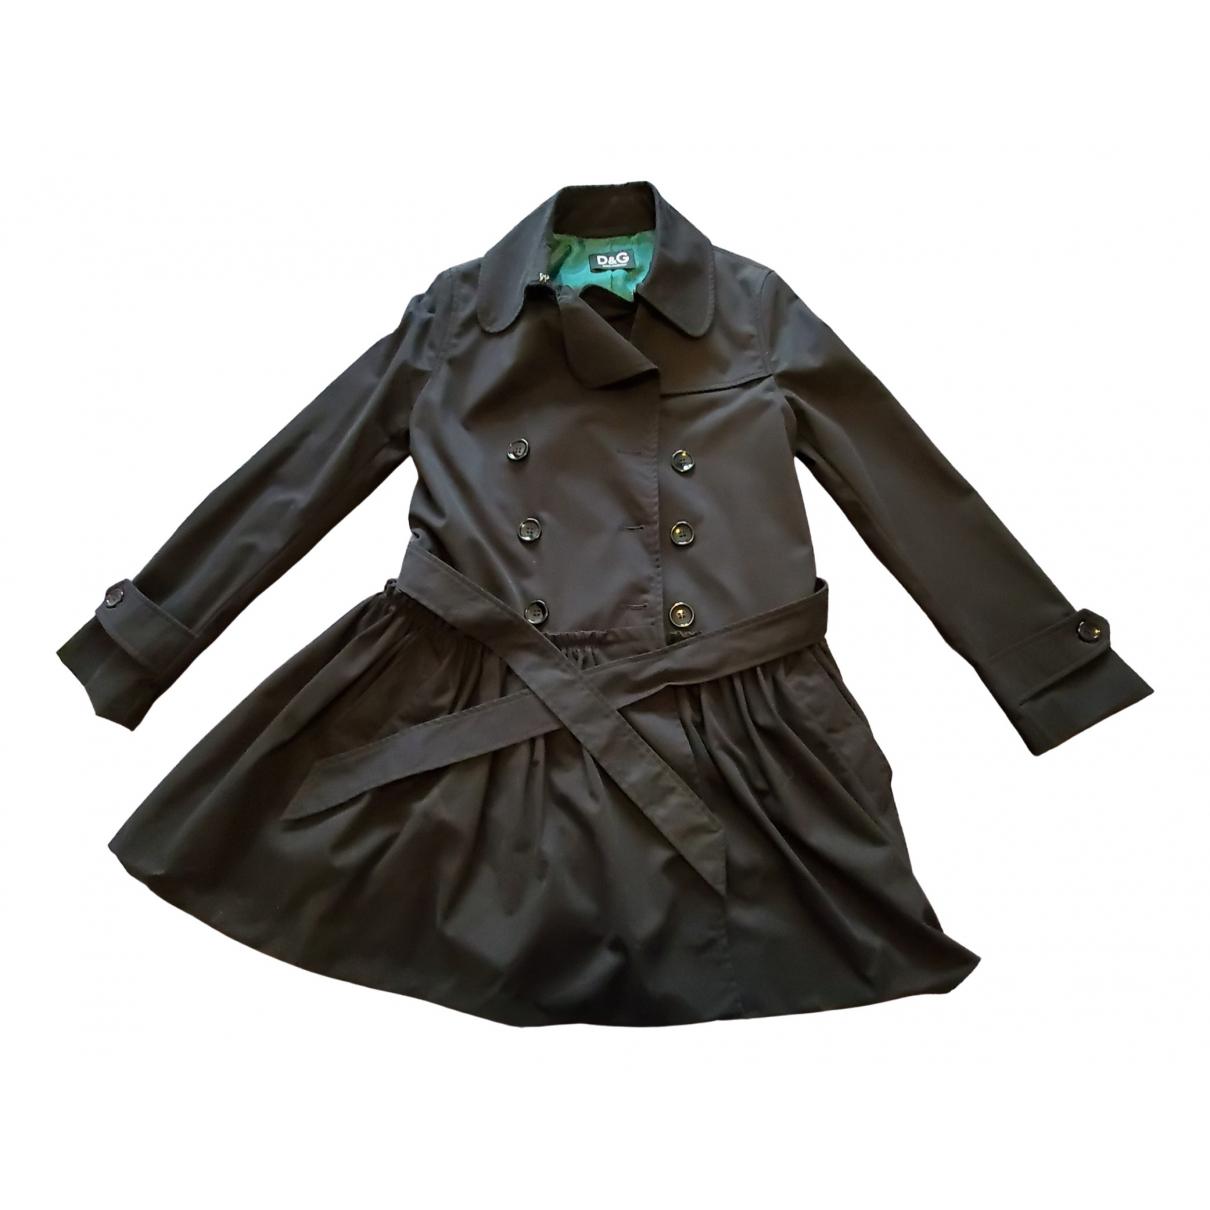 D&g \N Black Cotton coat for Women 42 IT